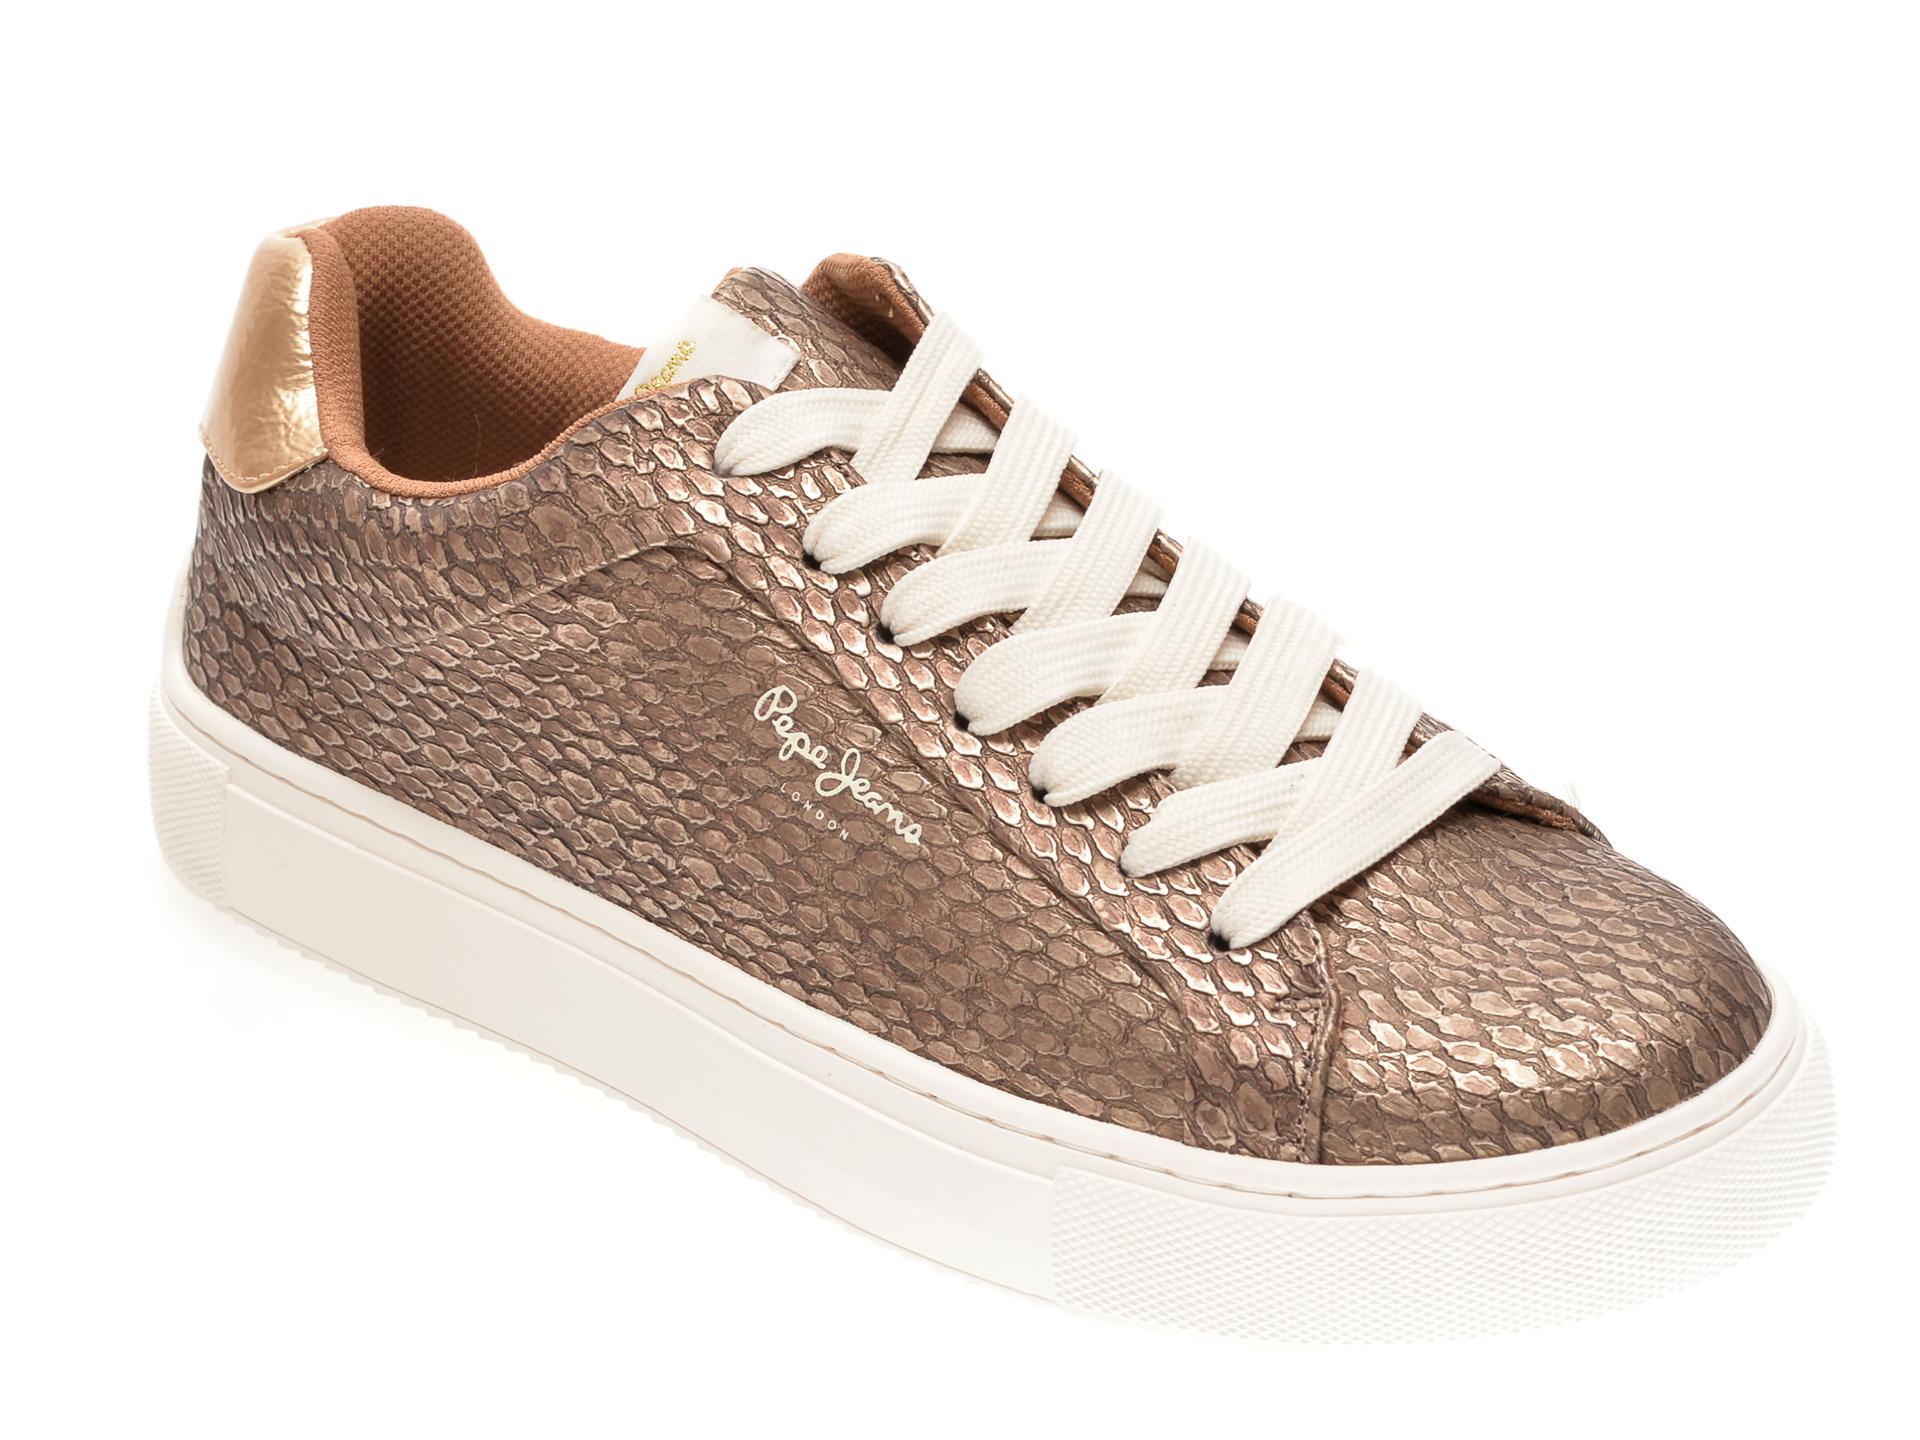 Pantofi sport PEPE JEANS aurii, LS31050, din piele ecologica